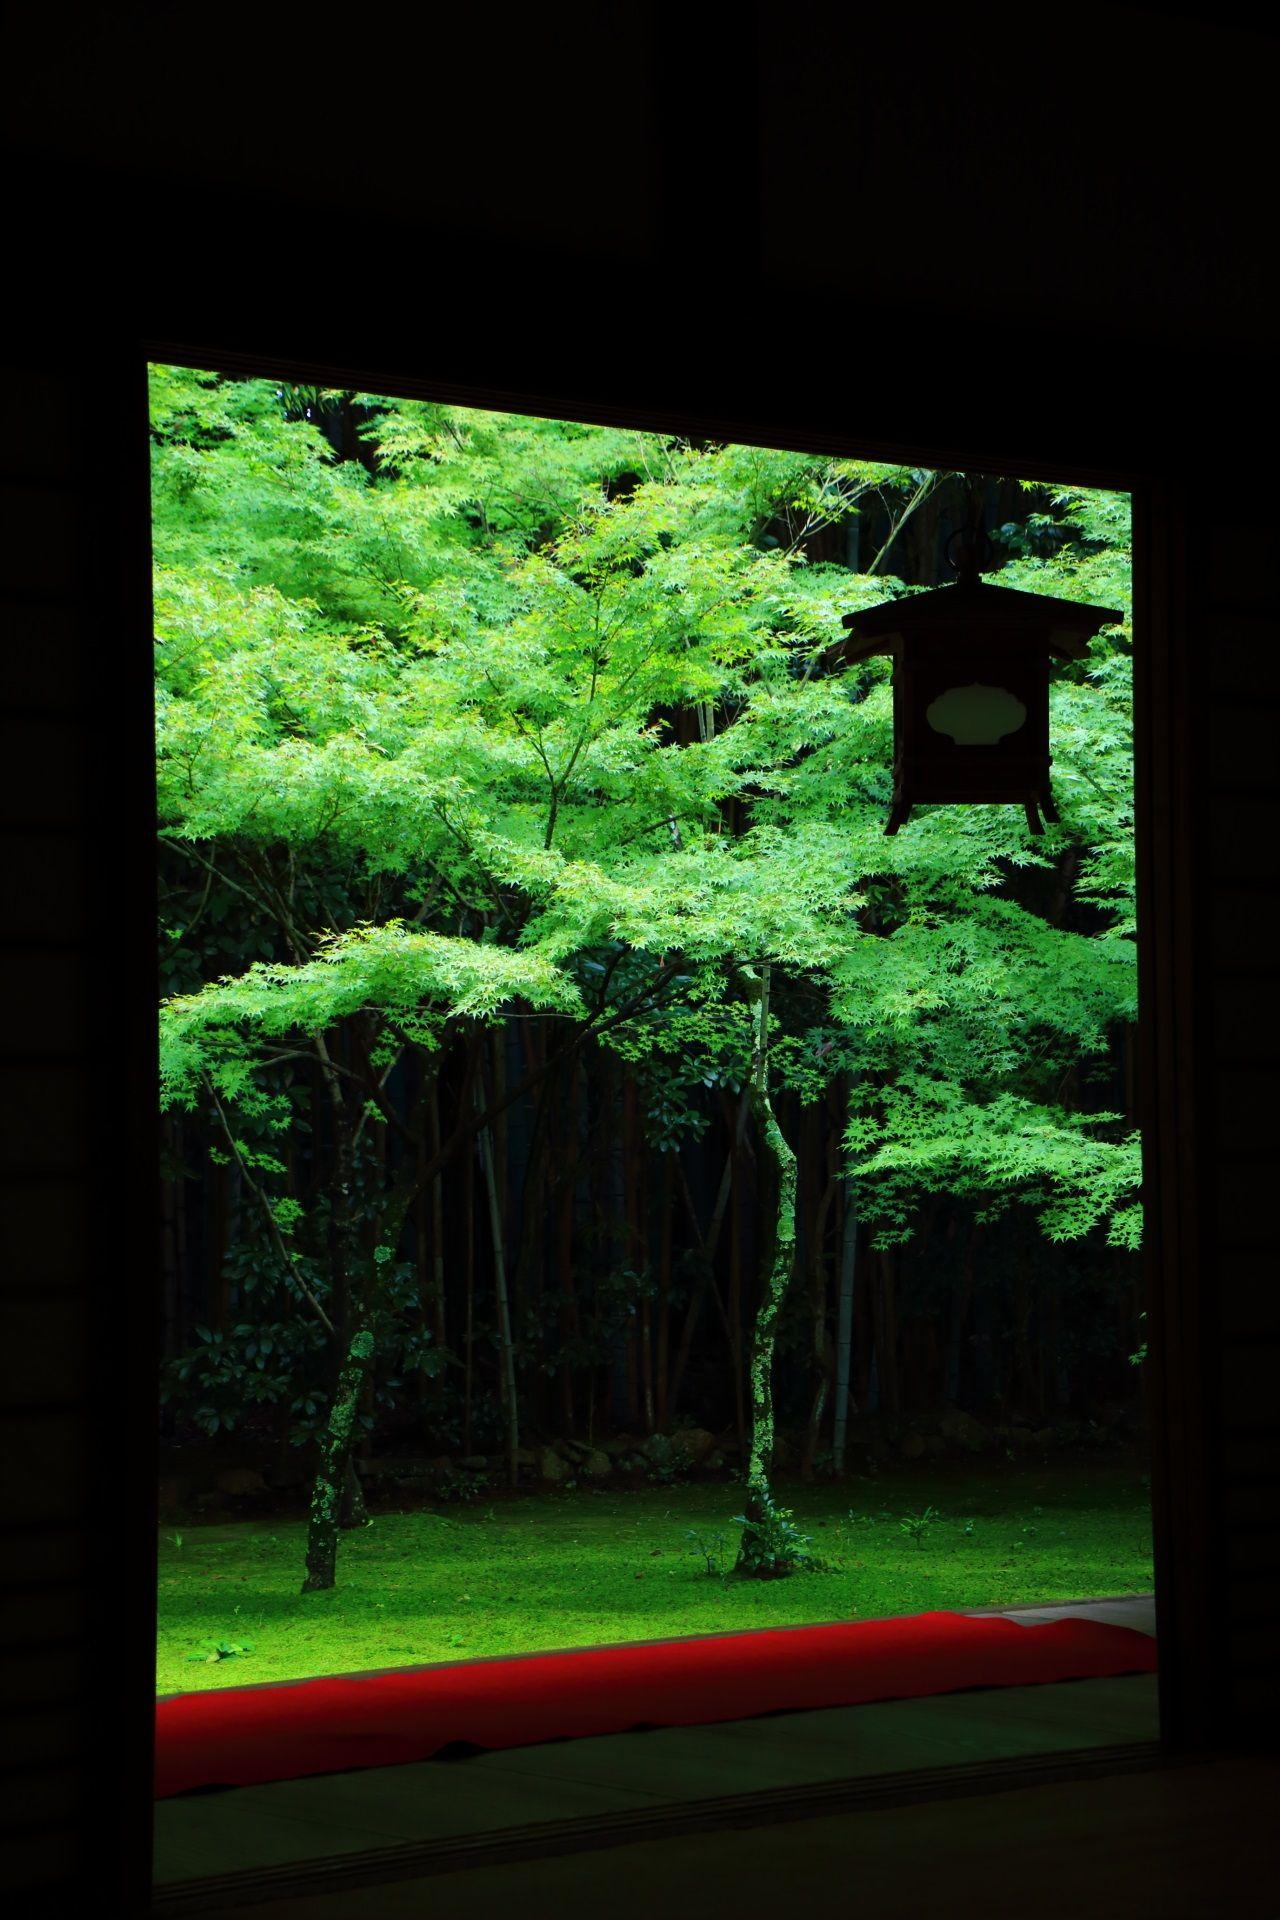 高桐院の客殿から眺めた庭園の青もみじと苔